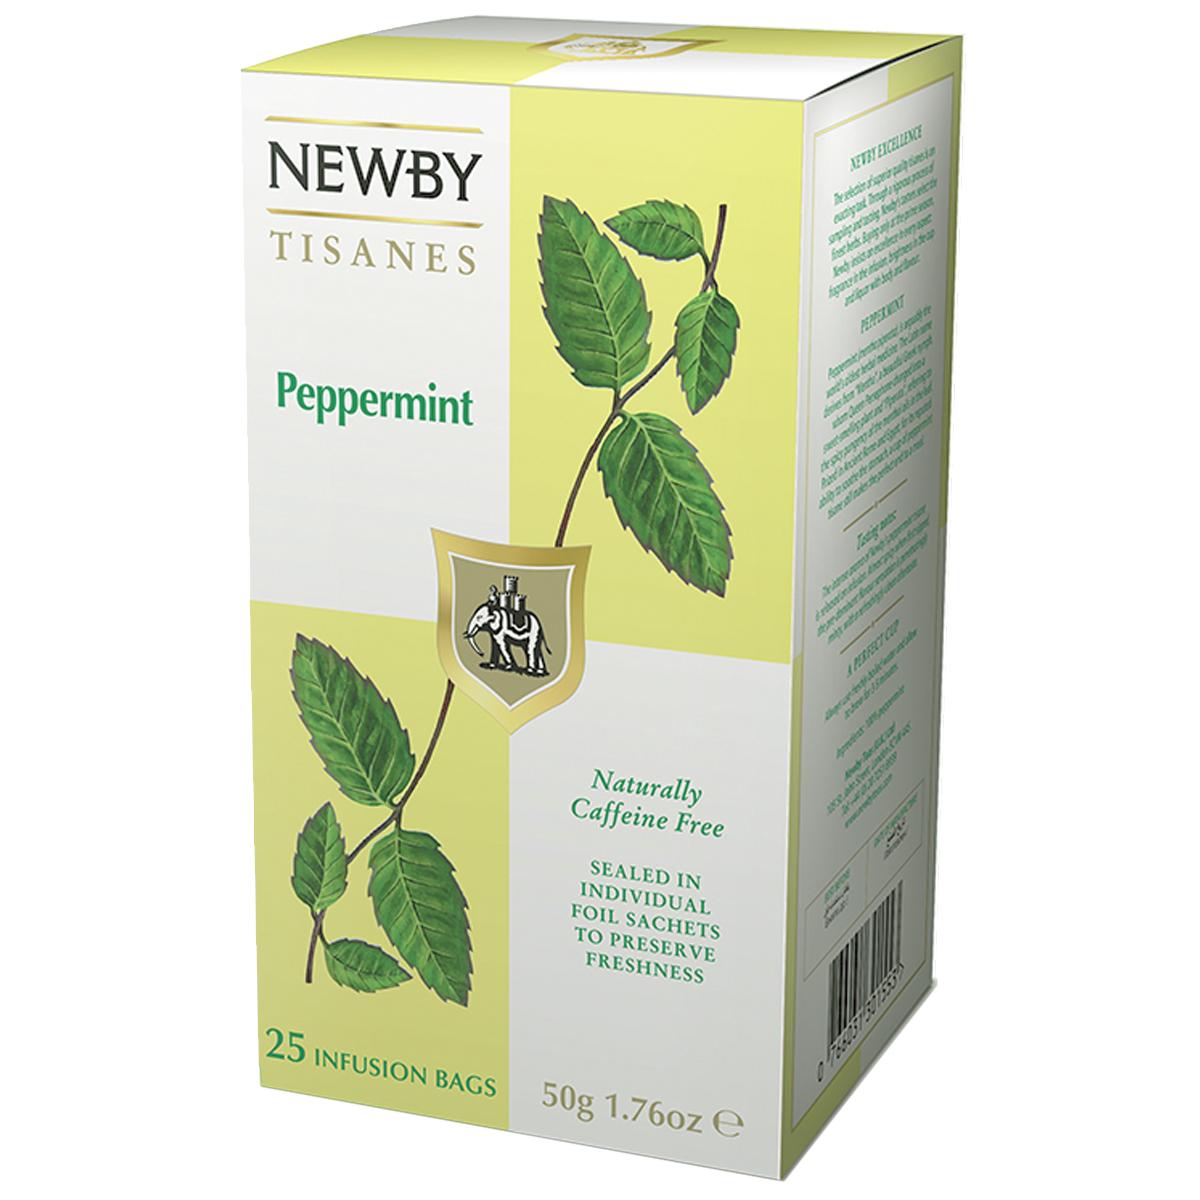 Newby Peppermint травяной чай в пакетиках, 25 шт310140Чай Newby Peppermint - это невероятно освежающий напиток из марокканской мяты, который успокоит и придаст сил в любое время дня.